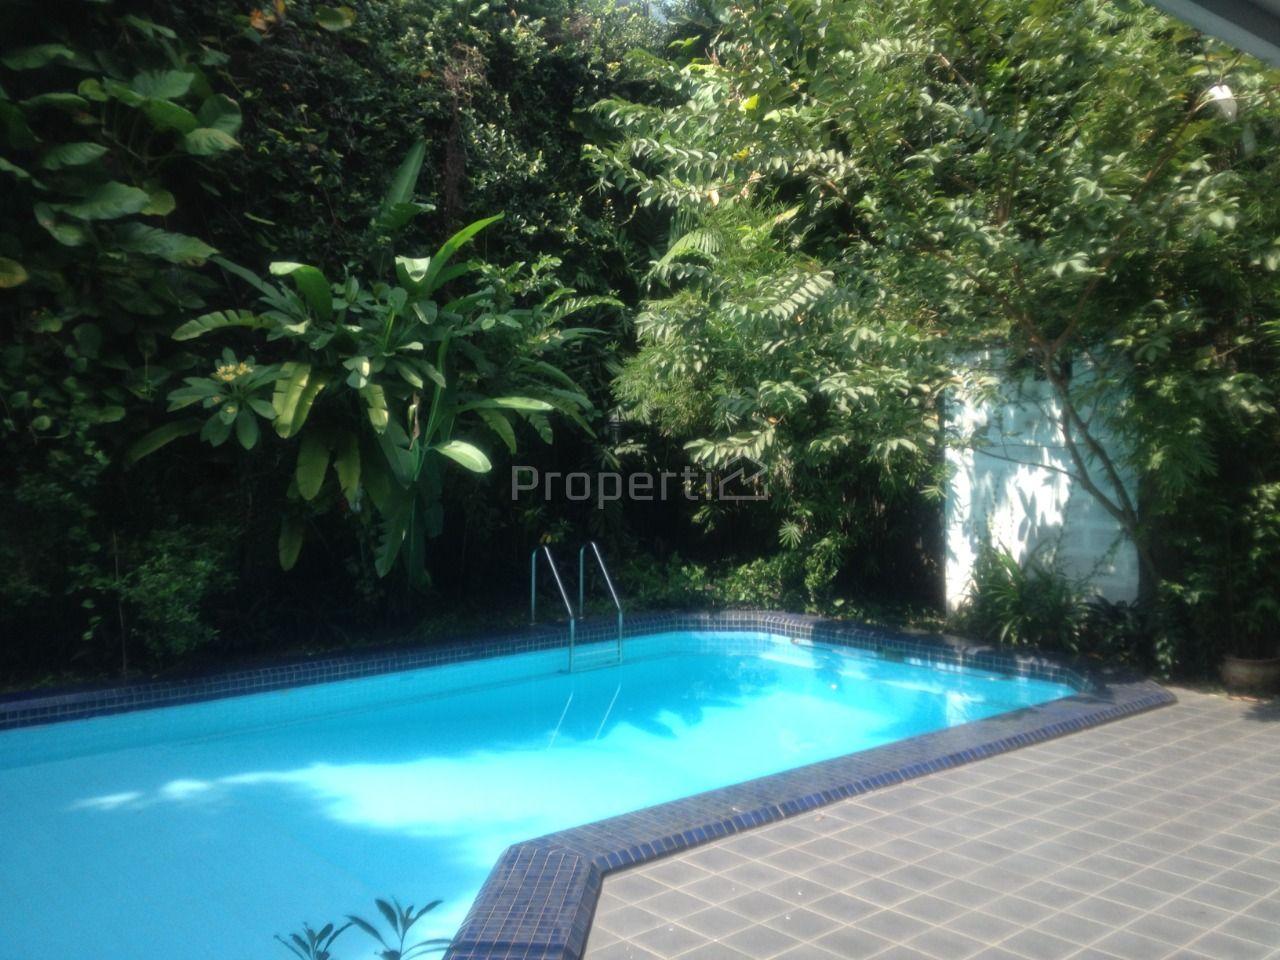 Rumah 2 Lantai dengan Kolam Renang di Pondok Indah, DKI Jakarta